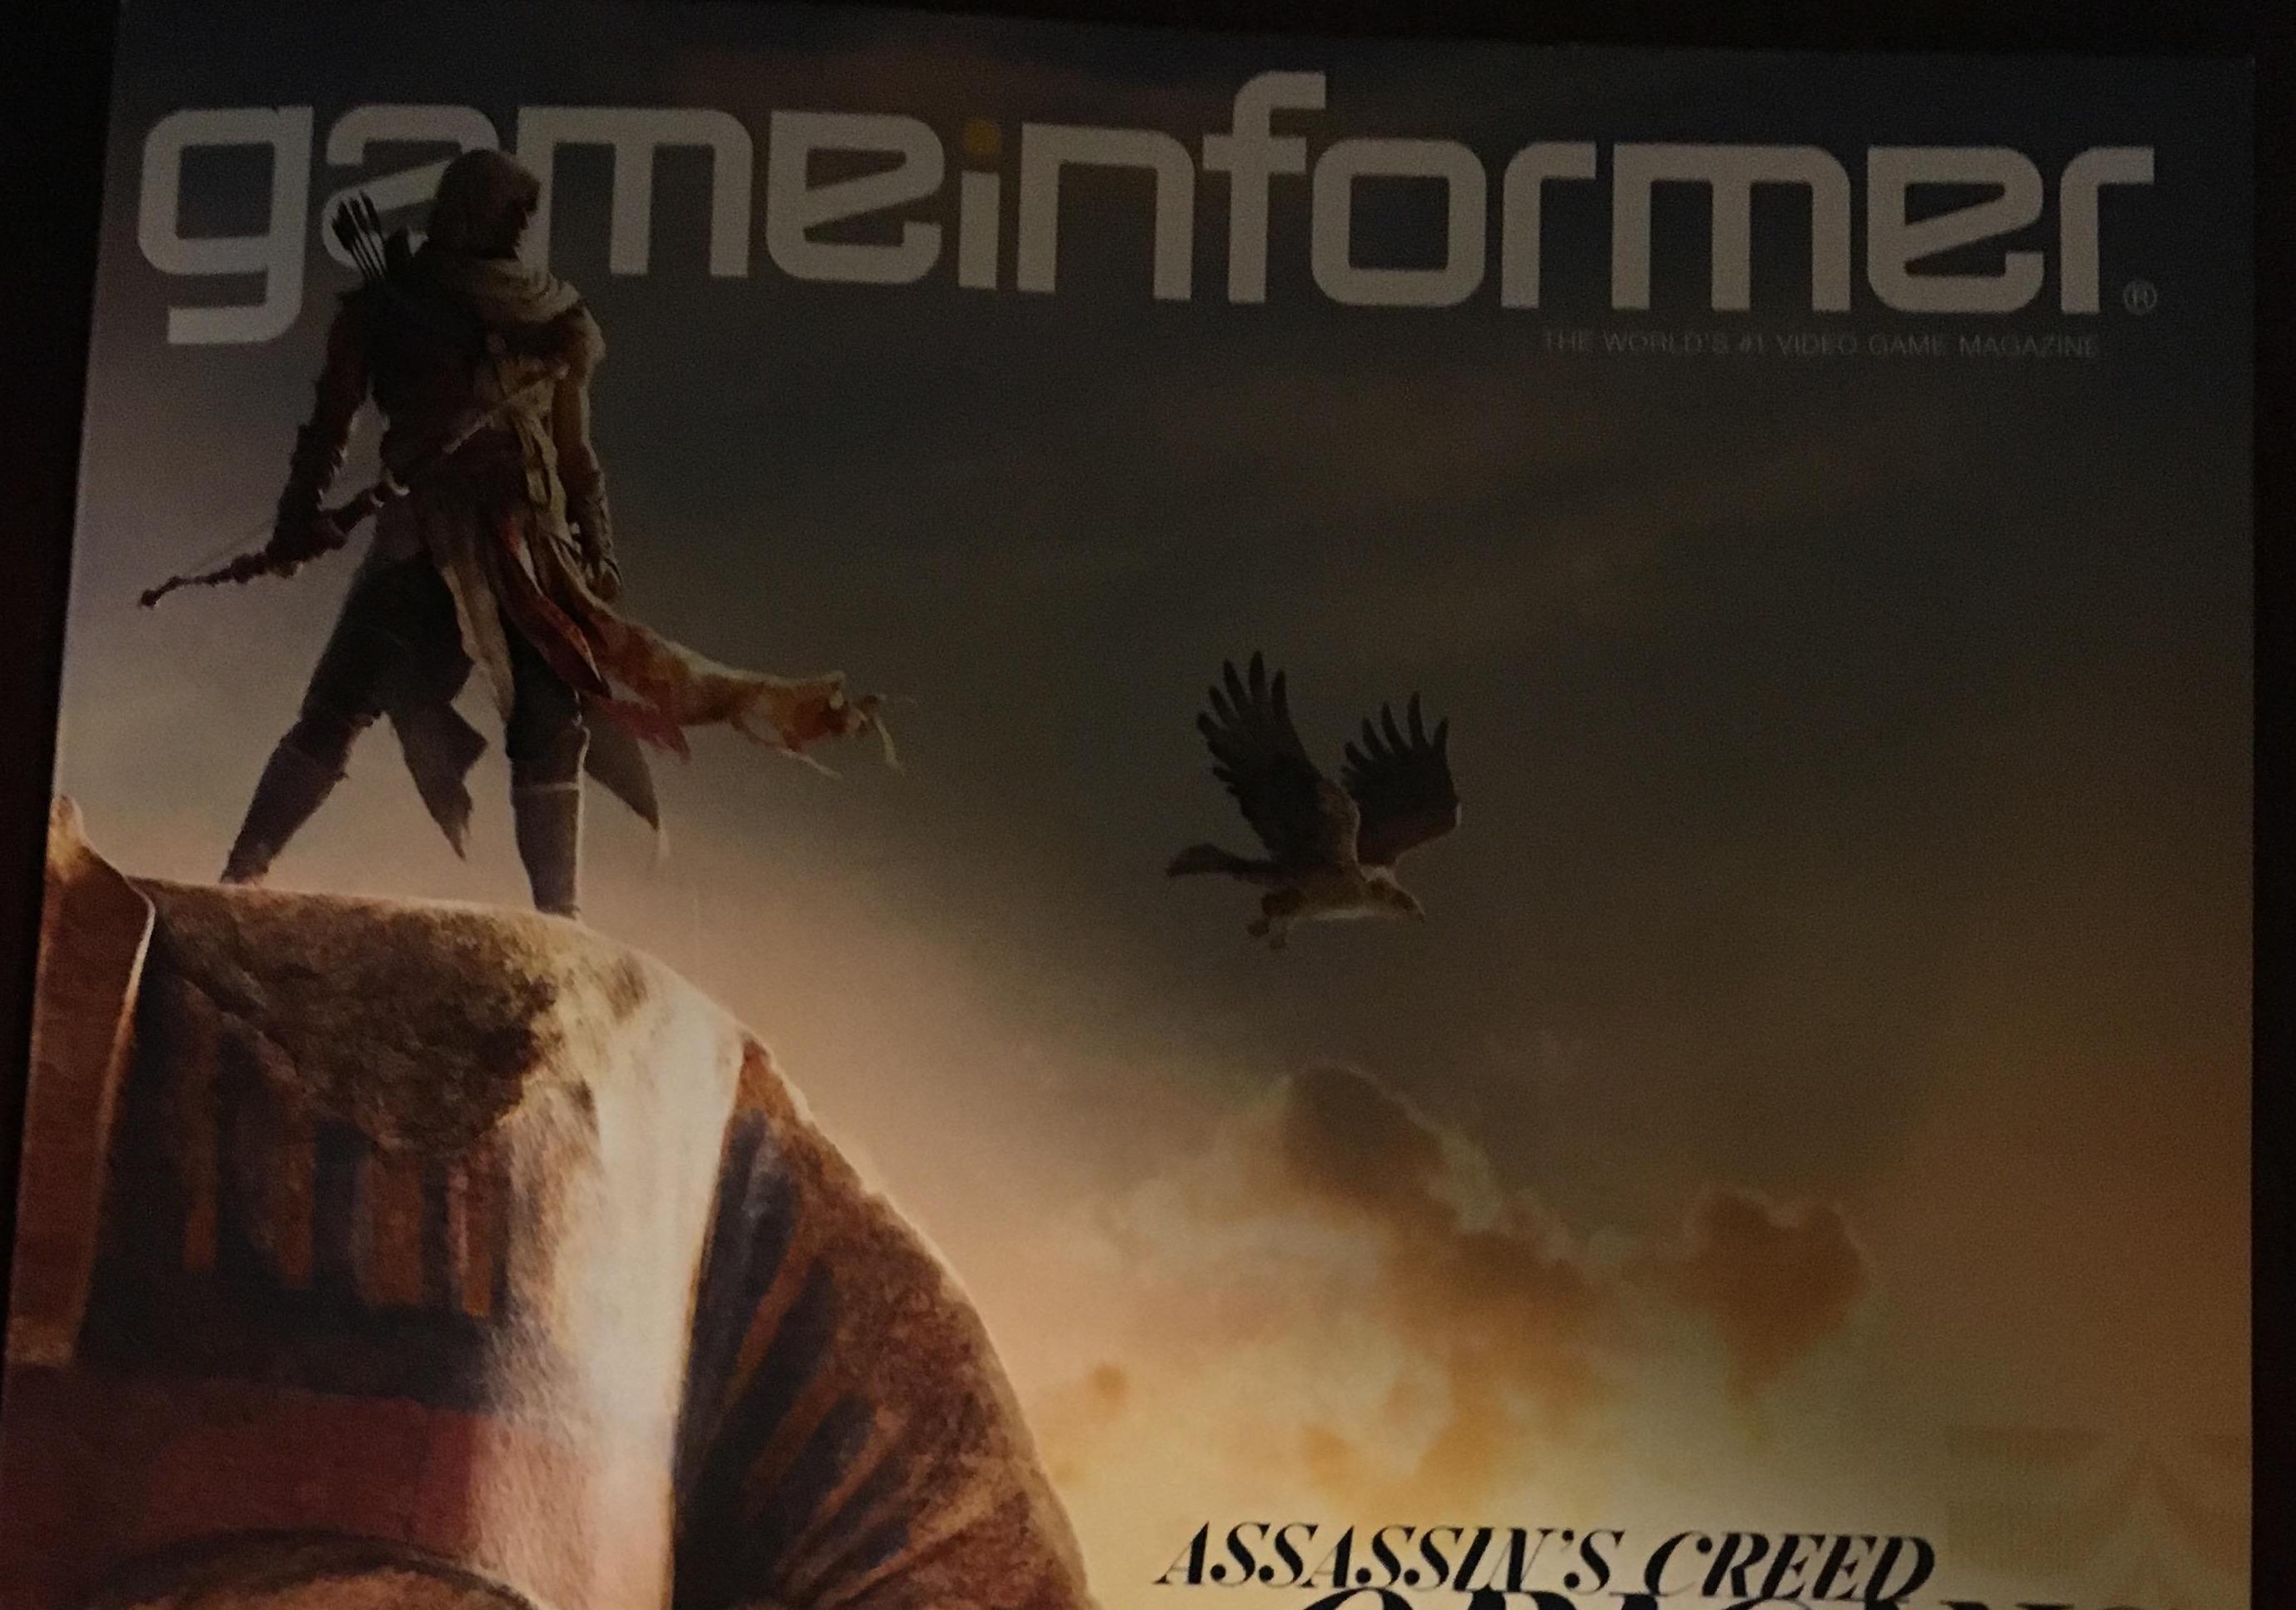 Assassin's Creed saldrá el 27 de octubre con el nombre que ya sabíamos